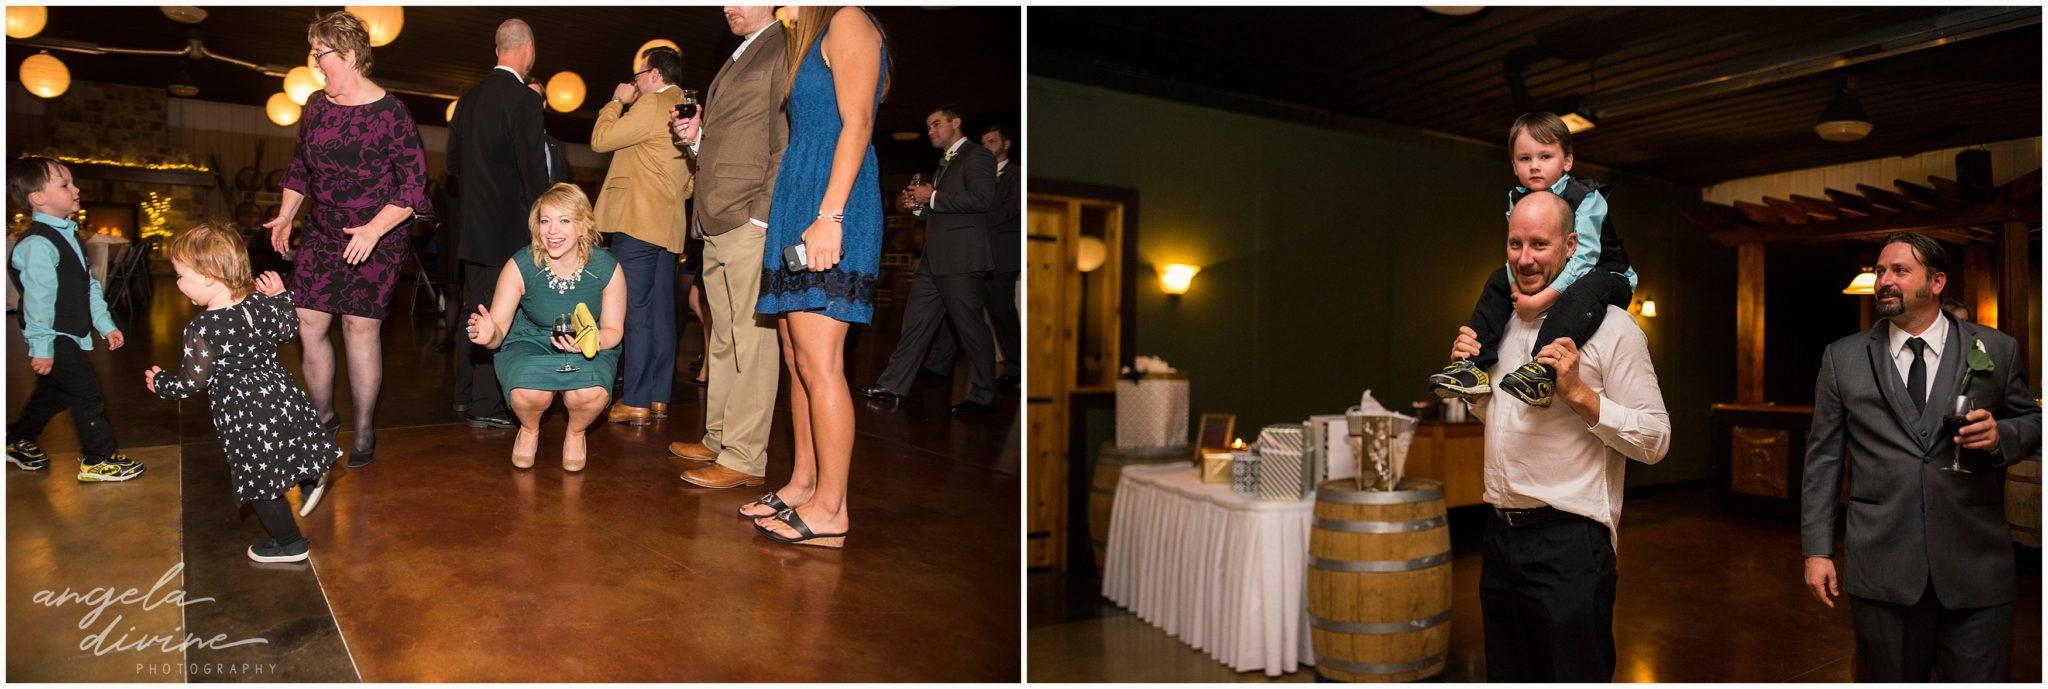 Carlos Creek Winery wedding reception guests